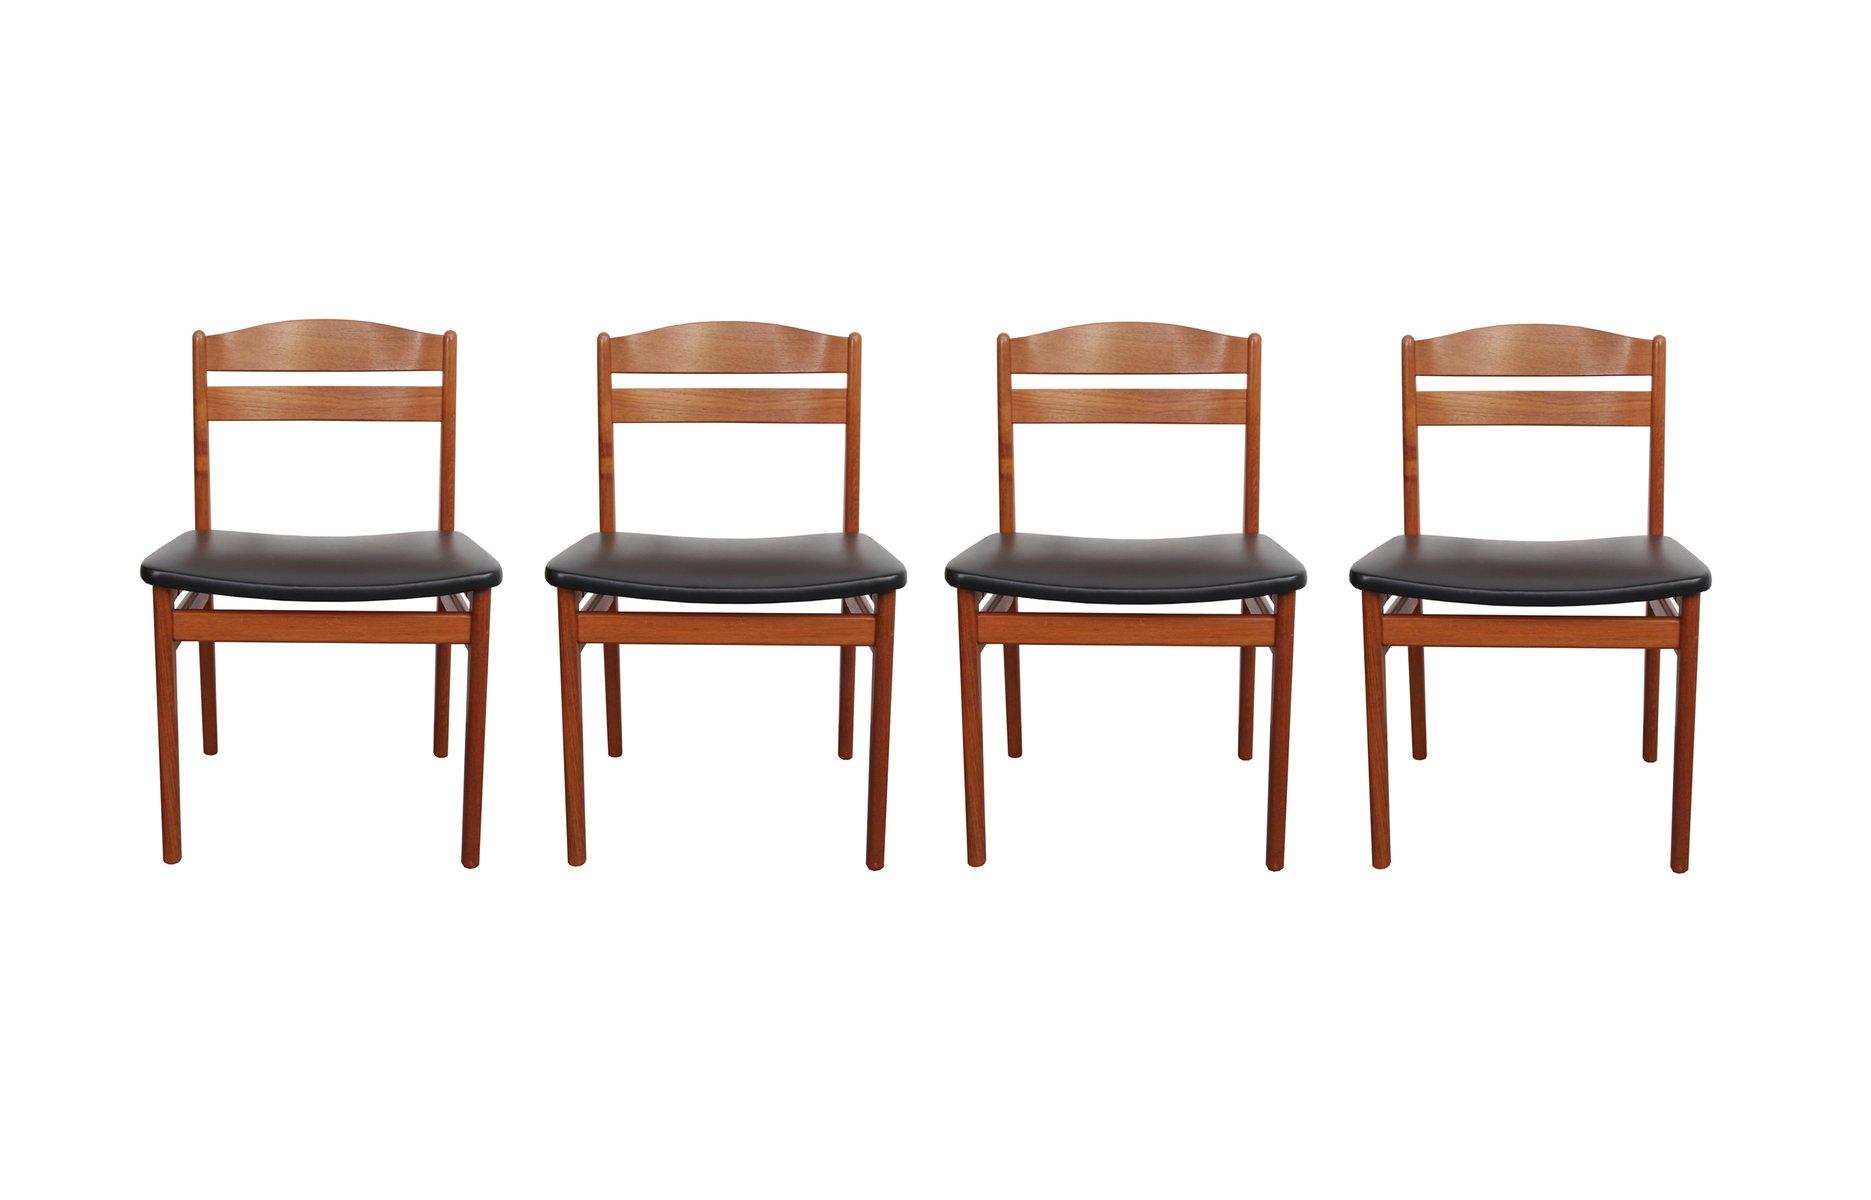 d nische st hle aus teak von b s 1960er 4er set bei pamono kaufen. Black Bedroom Furniture Sets. Home Design Ideas